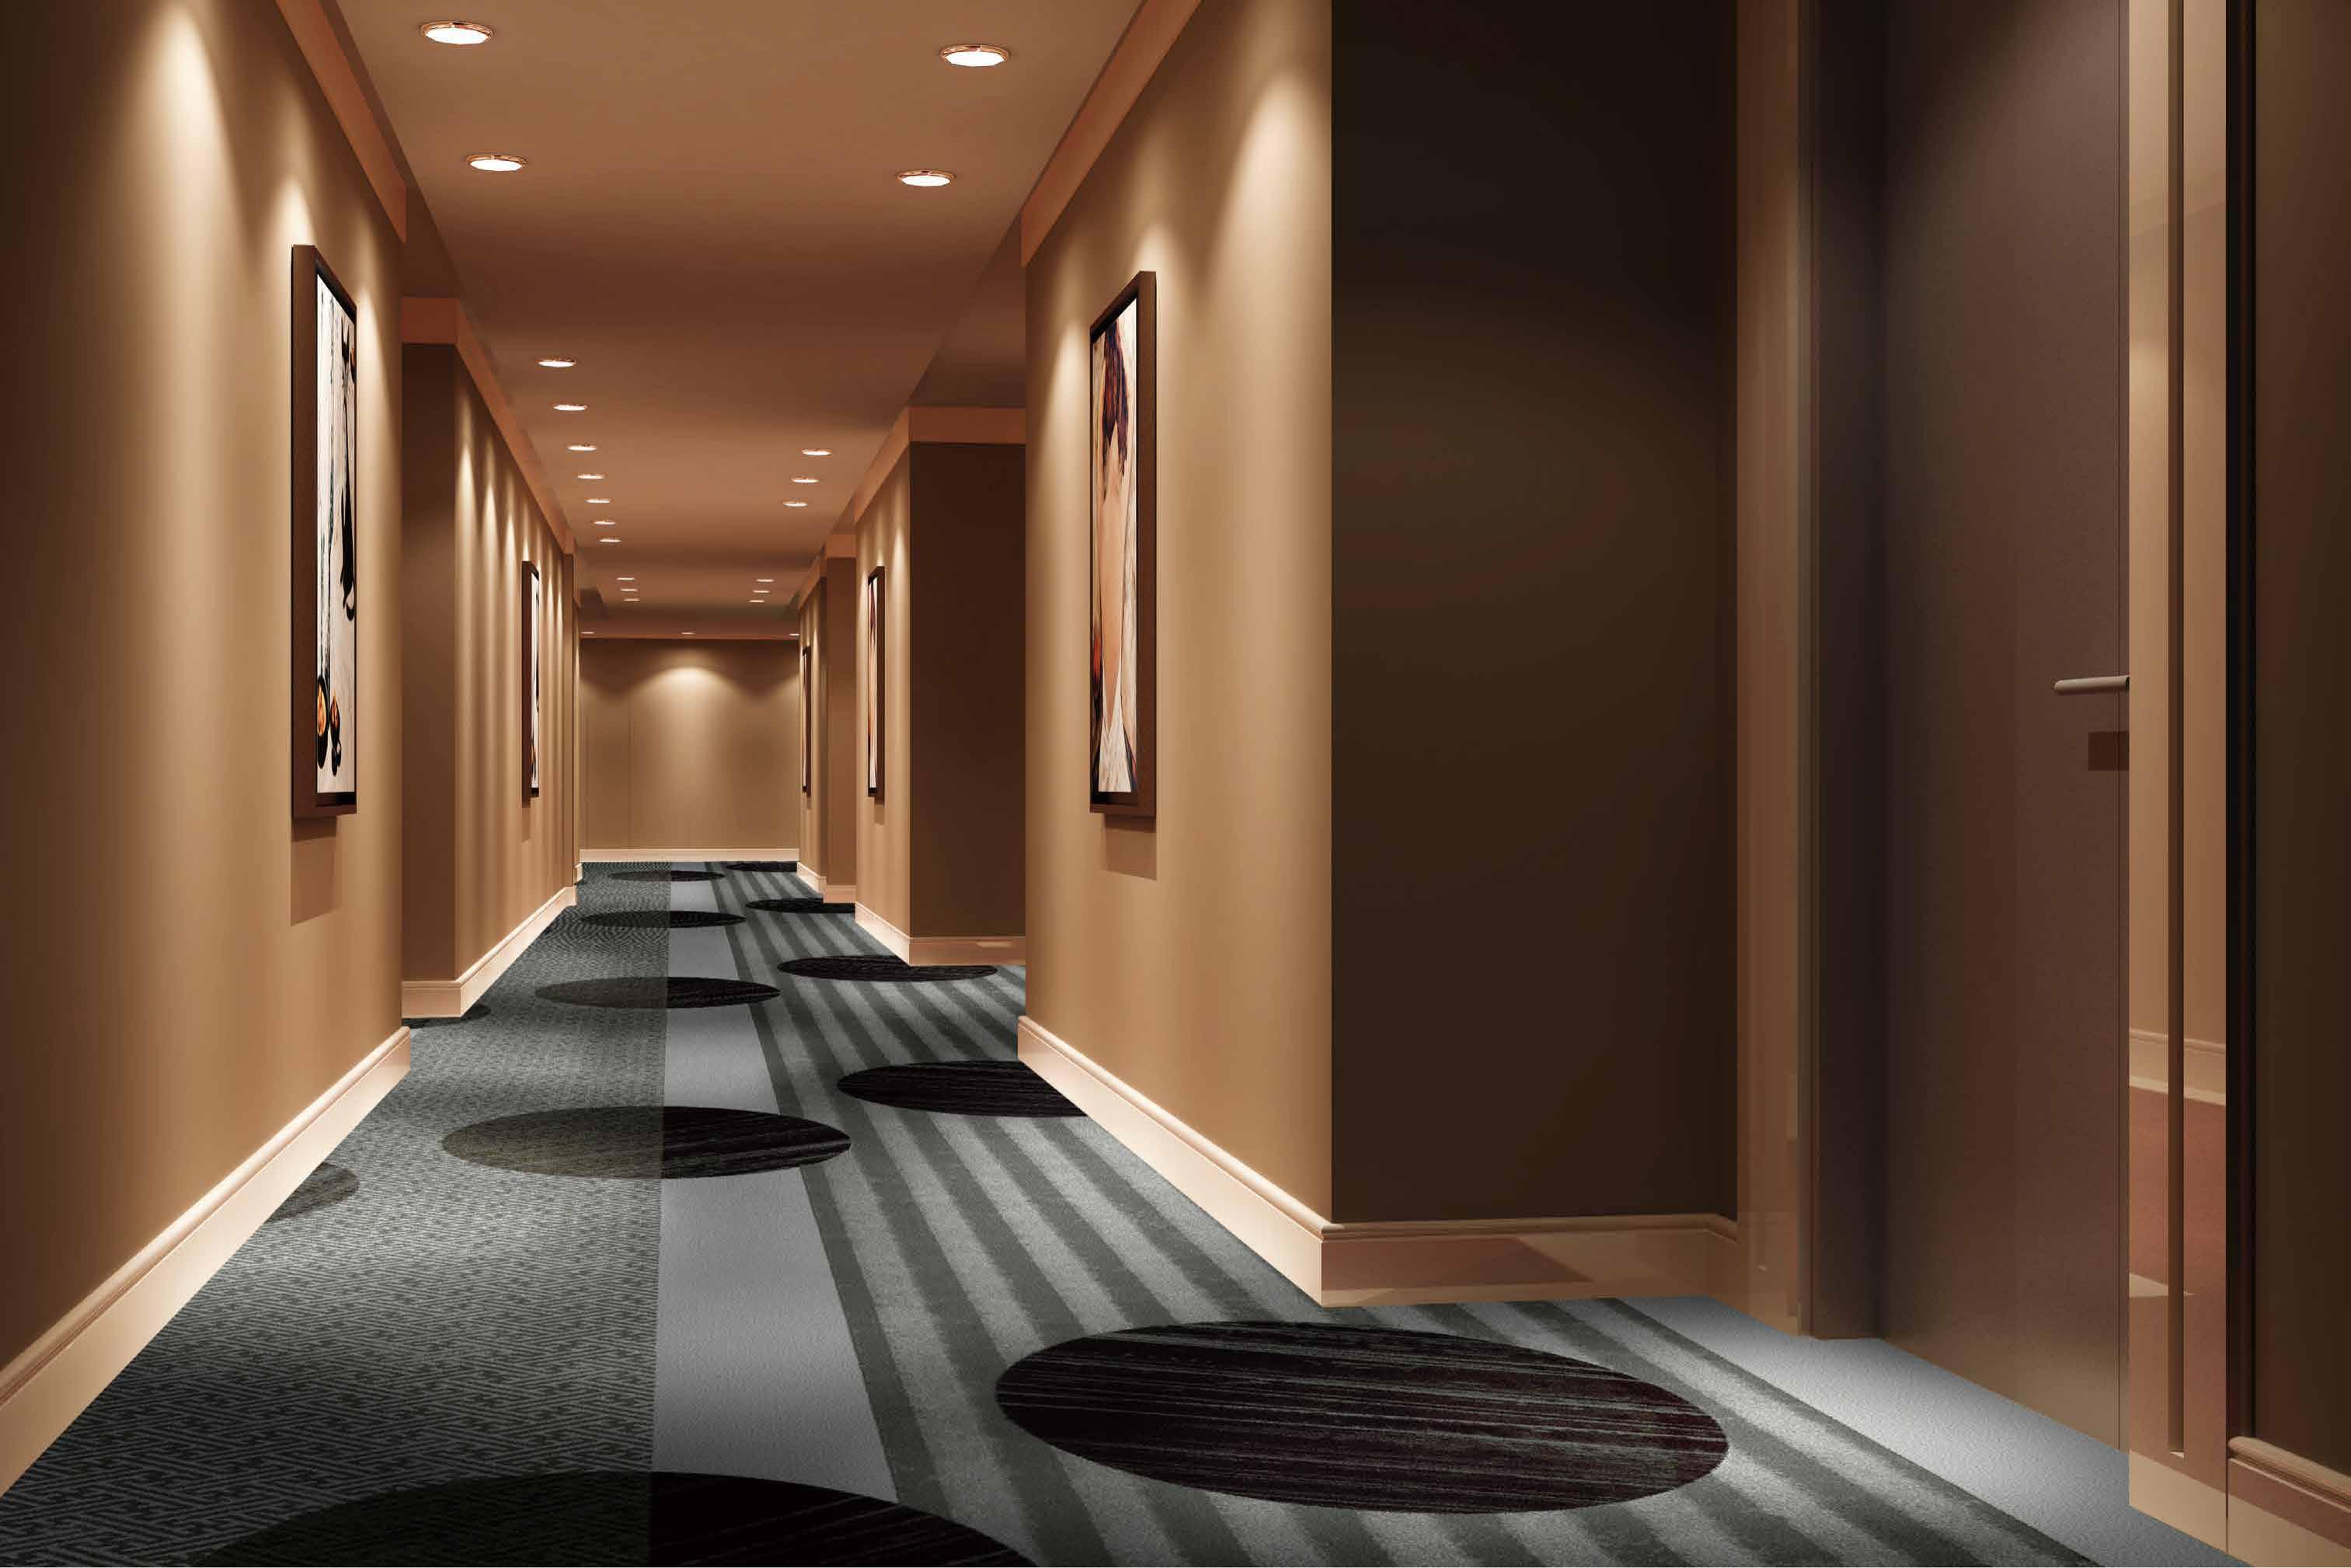 ホテルのカーペット